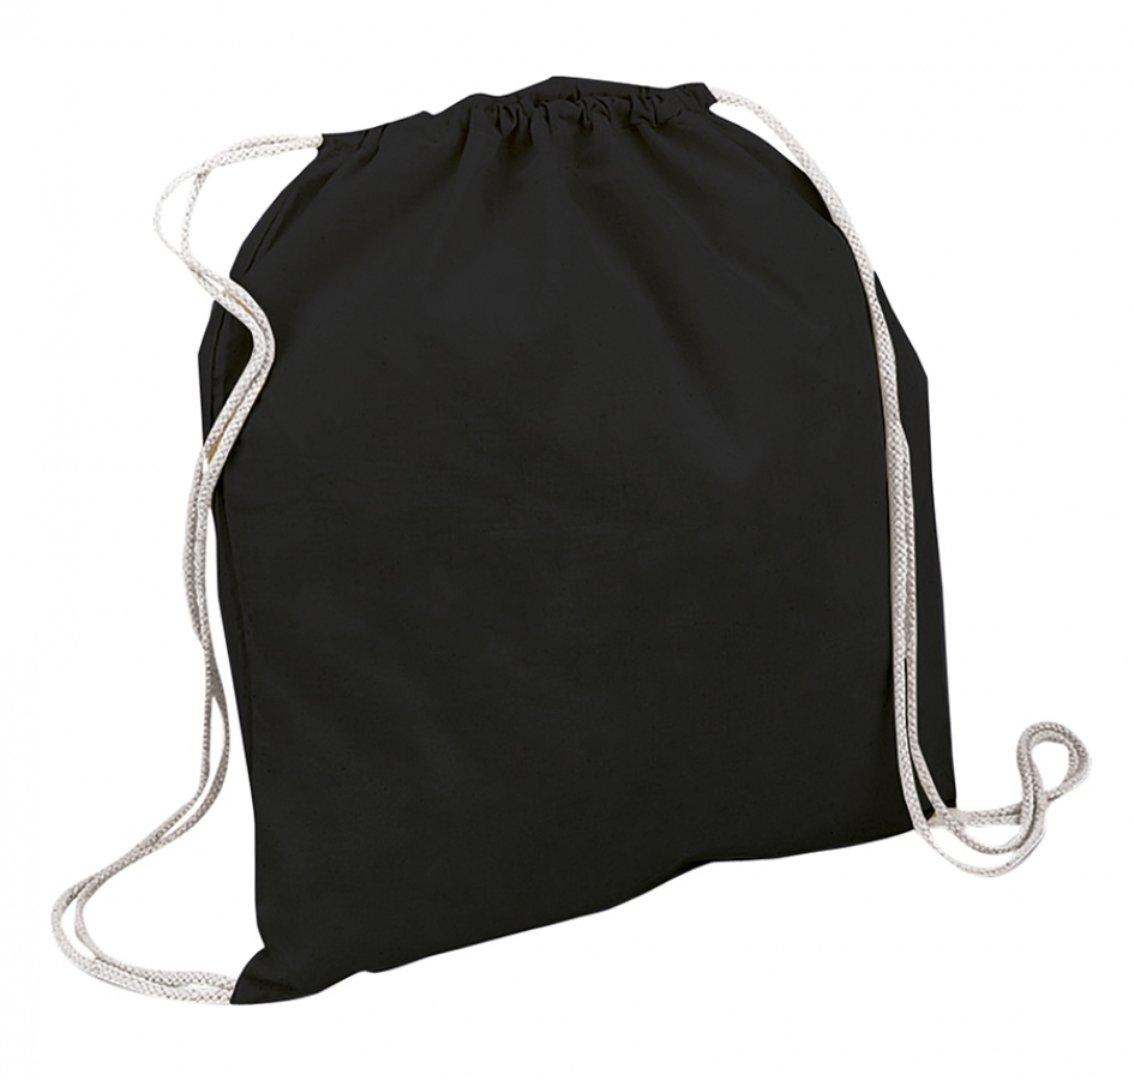 10 x uego de 10 algodón bolsa de deporte bolsa algodón Mochila Bolsa de deporte, negro